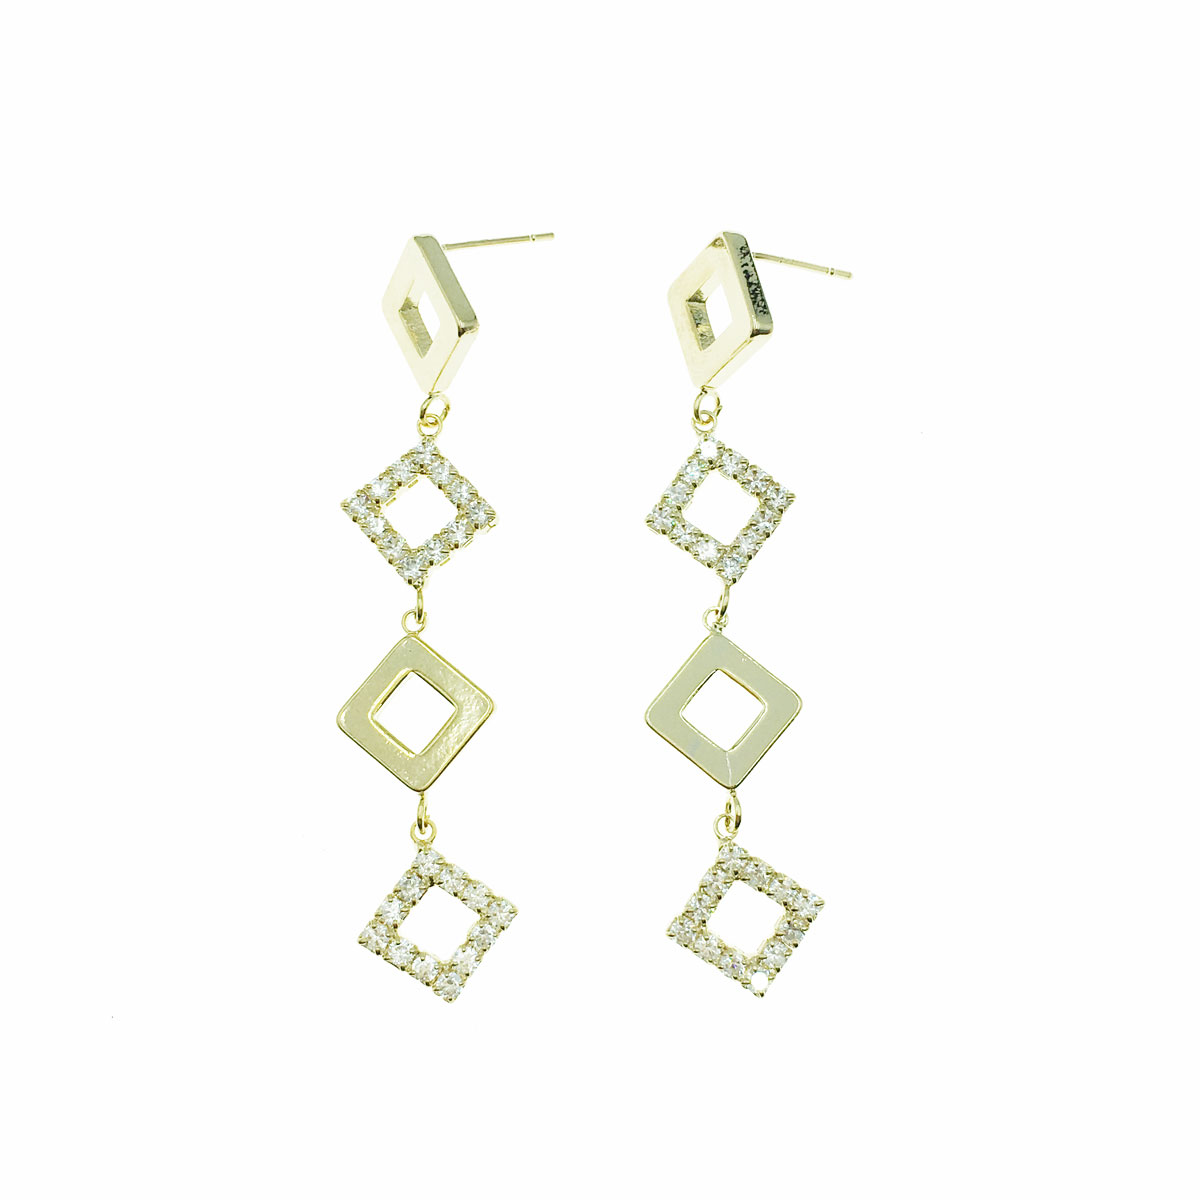 韓國 95純銀 水鑽 方形 垂墜感 耳針式 耳環